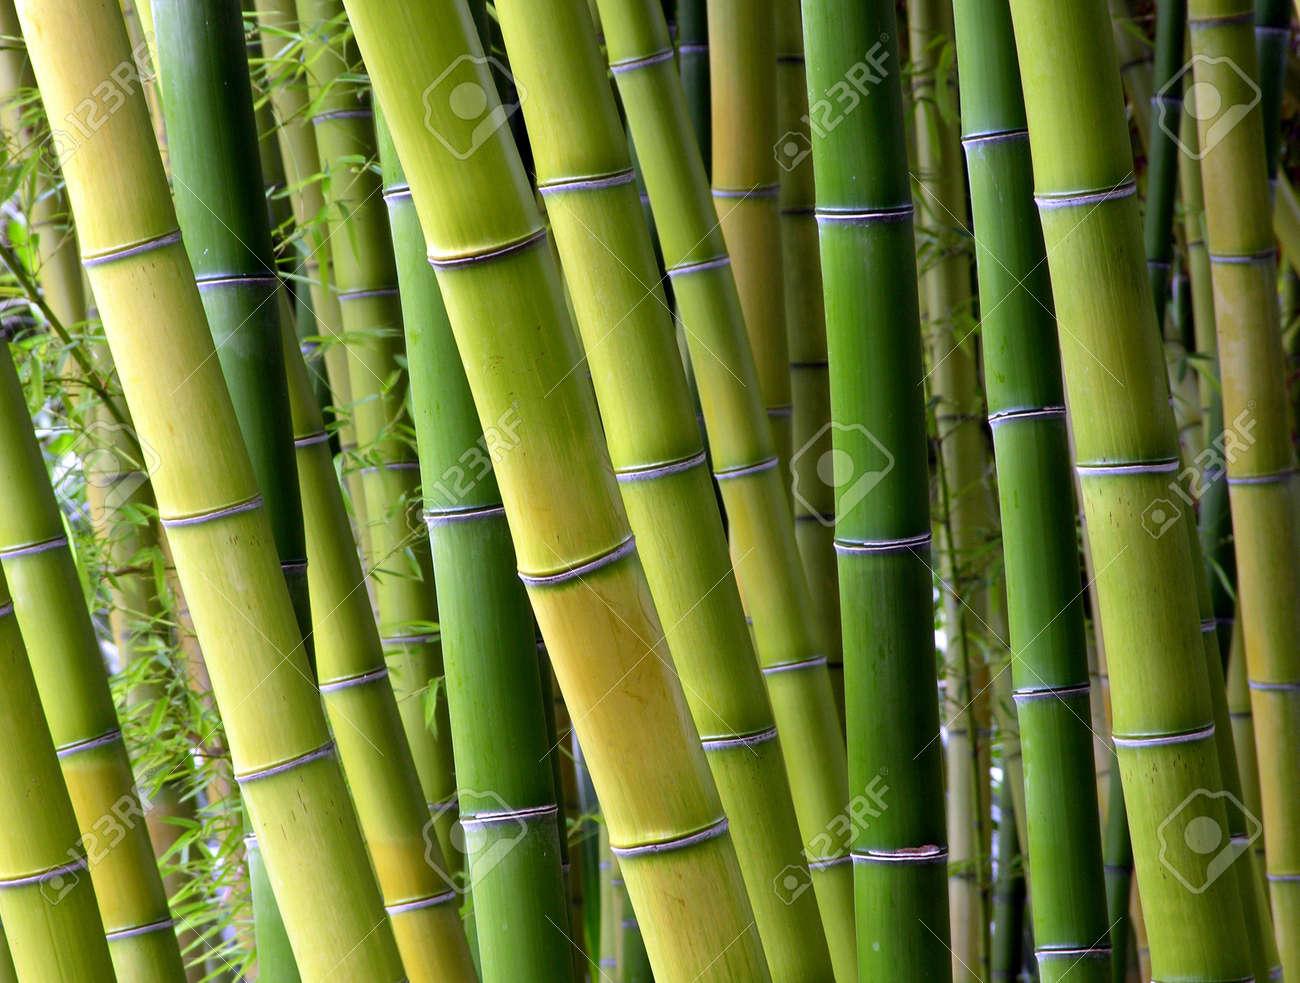 Bunte Grunen Baumen Und Bambus Ein Japanischer Garten Rich Grunen